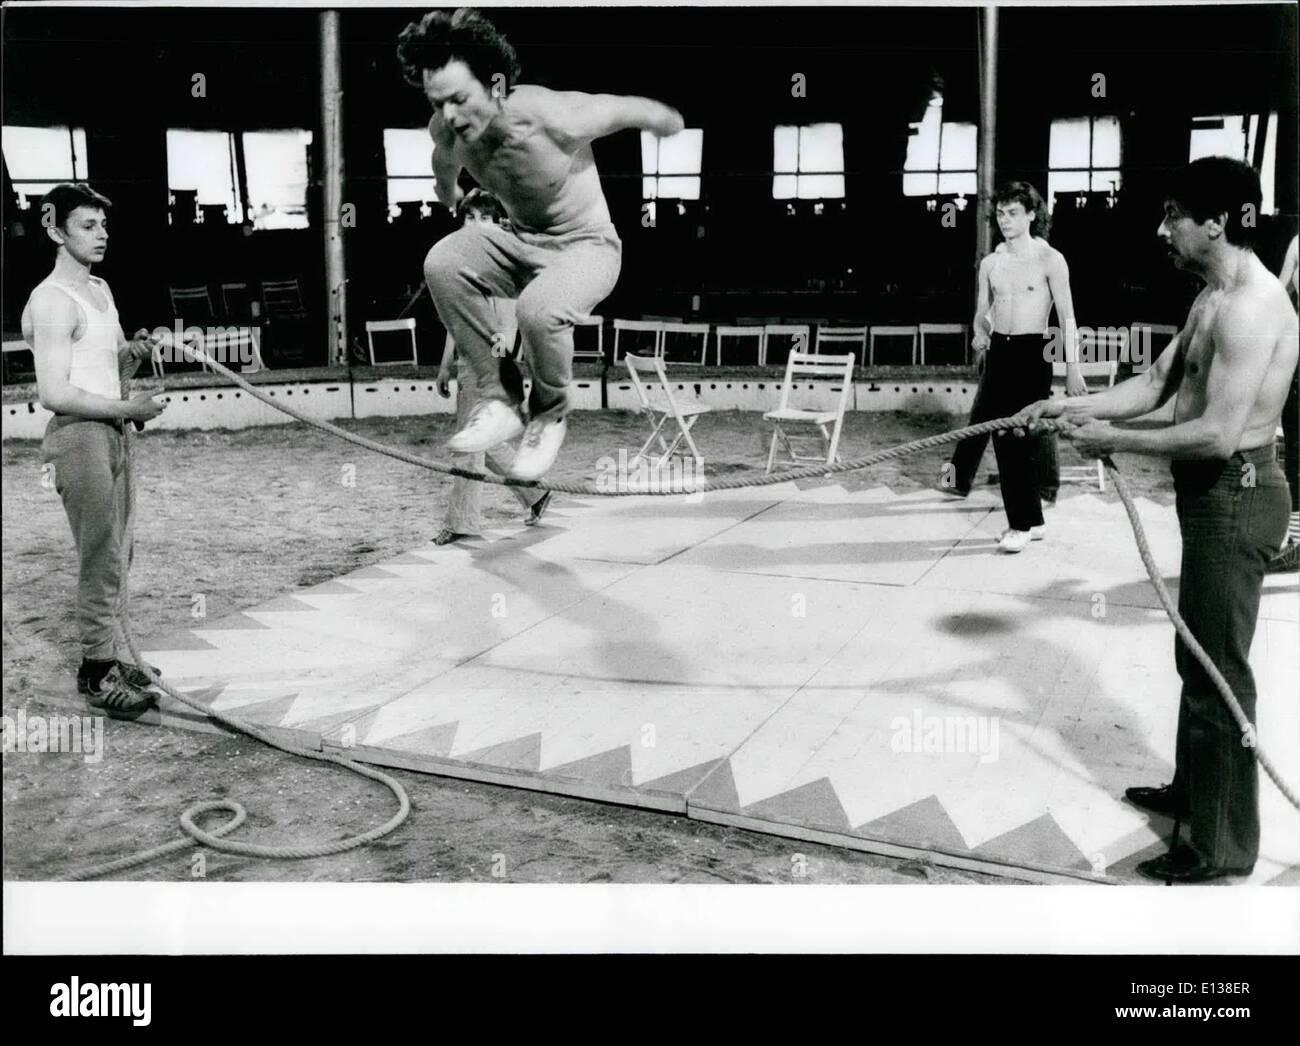 Febrero 29, 2012 - En Berlín existe desde 1st, 1980 El primer Circus-School: también en la Carpa del circo a los dioses set antes de éxito la transpiración. Esta triste experiencia que en la actualidad 15 jóvenes en la edad entre 19 y 27 años - los alumnos de la primera y hasta ahora en la escuela de circo solitario West-Germany. ''Tempodrom'' es el nombre del lugar en el Alten Potsdamerplatz en Berlín, donde el circo alumnos vienen juntos Imagen De Stock